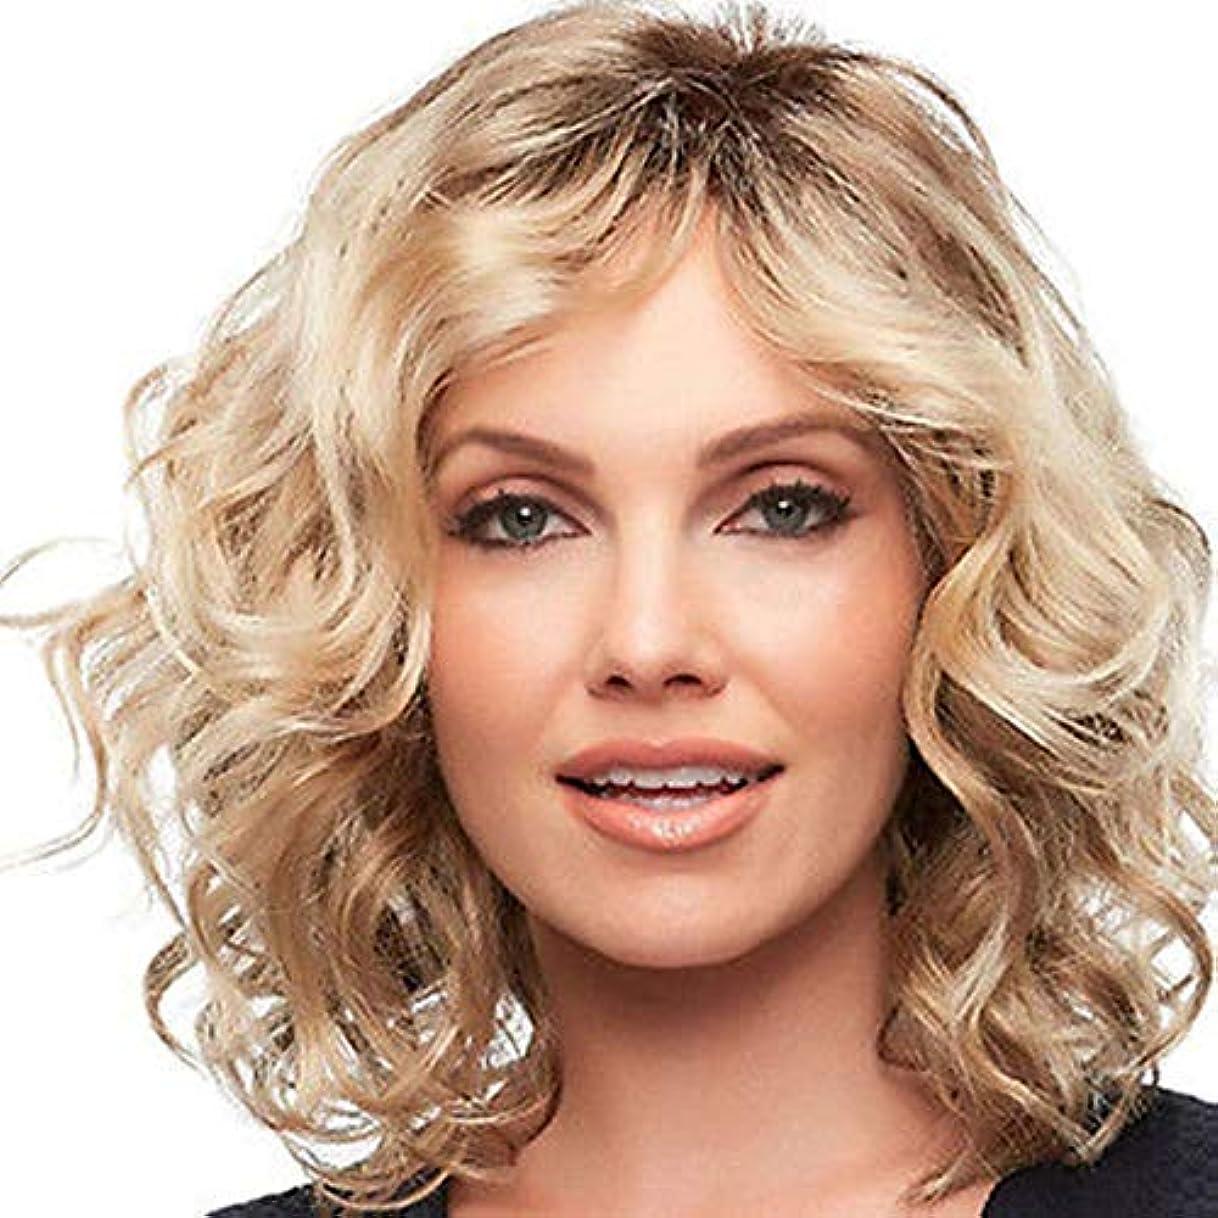 ペパーミント窒息させるを必要としていますYOUQIU 女子金髪ショートカーリーヘアウィッグふわふわヘアスタイリング中部ウィッグウィッグ (色 : Blonde)